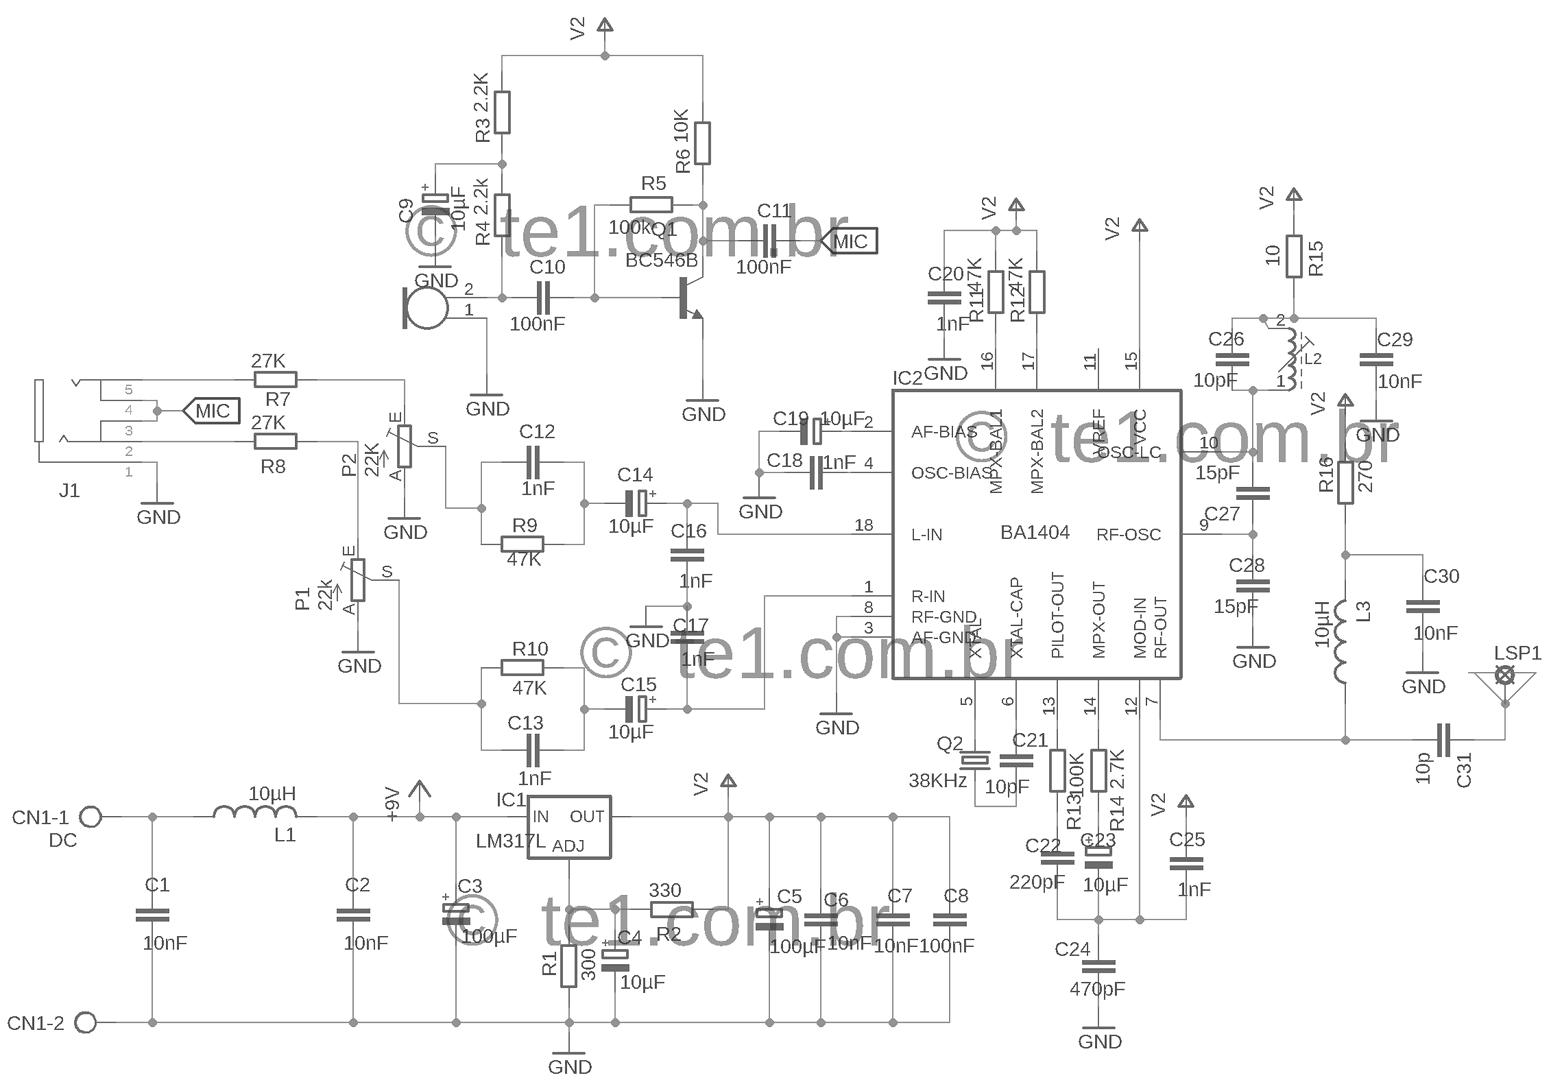 transmissor ba140 esq Circuito de transmissor de fm estéreo com ba1404 para MP3, ipod. Transmissores Fm Transmissores e RF Transmissores placa de circuito impresso Circuitos Áudio